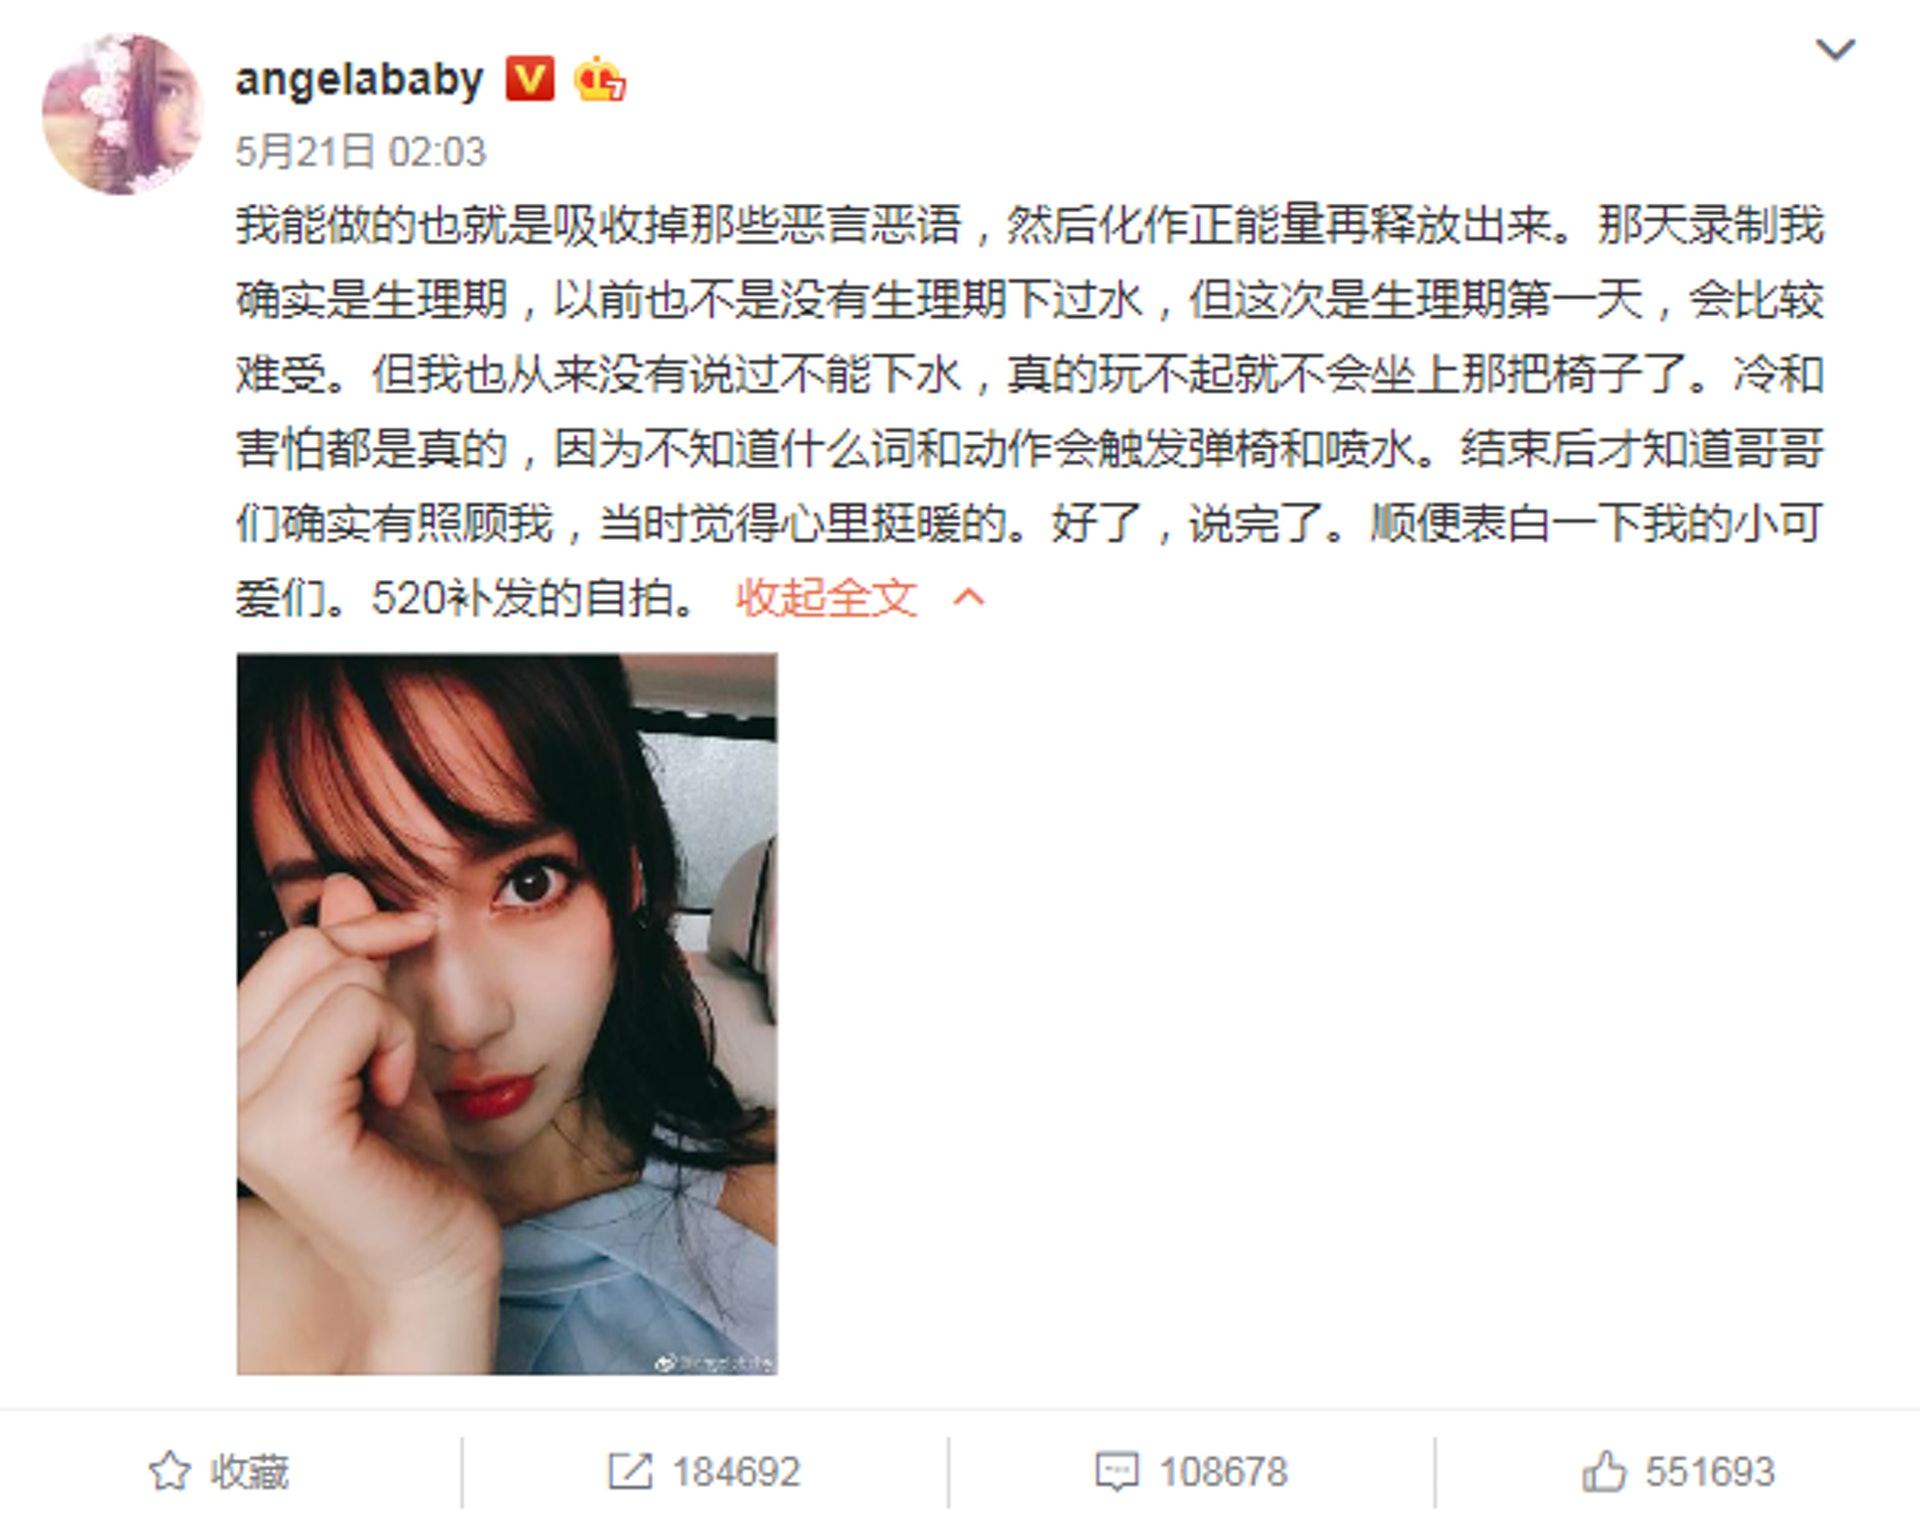 事情鬧大了,Angelababy只好出來回應,在微博撰文解釋稱拍攝當日確實是生理期。(微博「Angelababy」圖片)